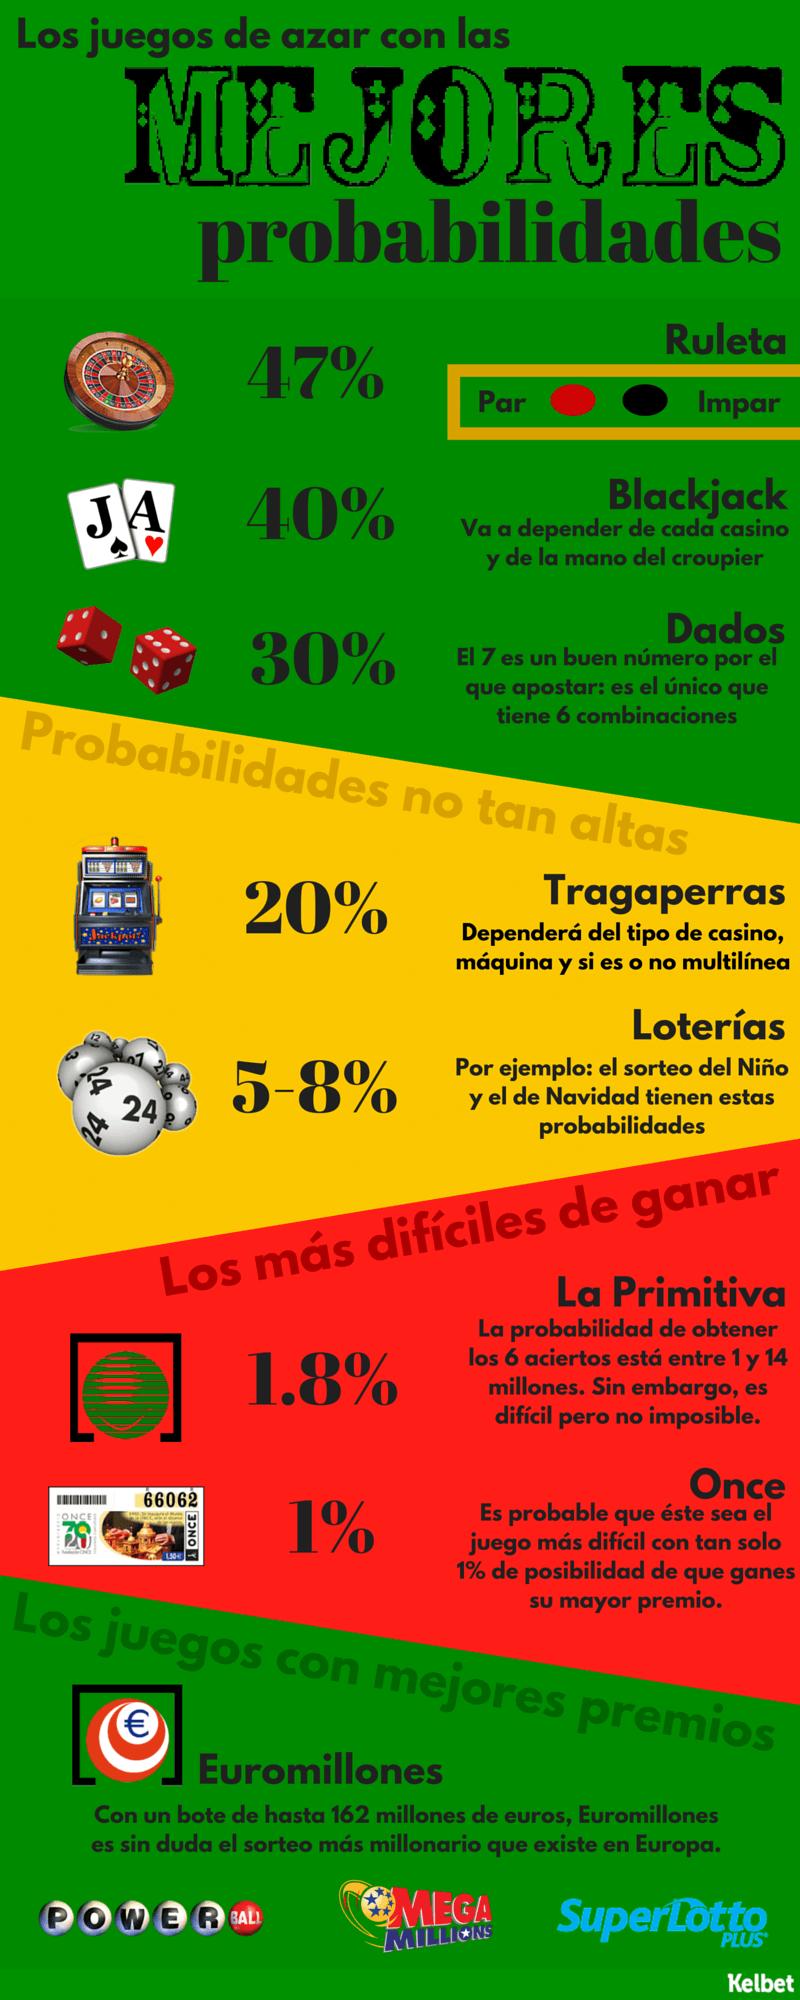 Juegos de azar y probabilidad existen casino en Antofagasta - 65991